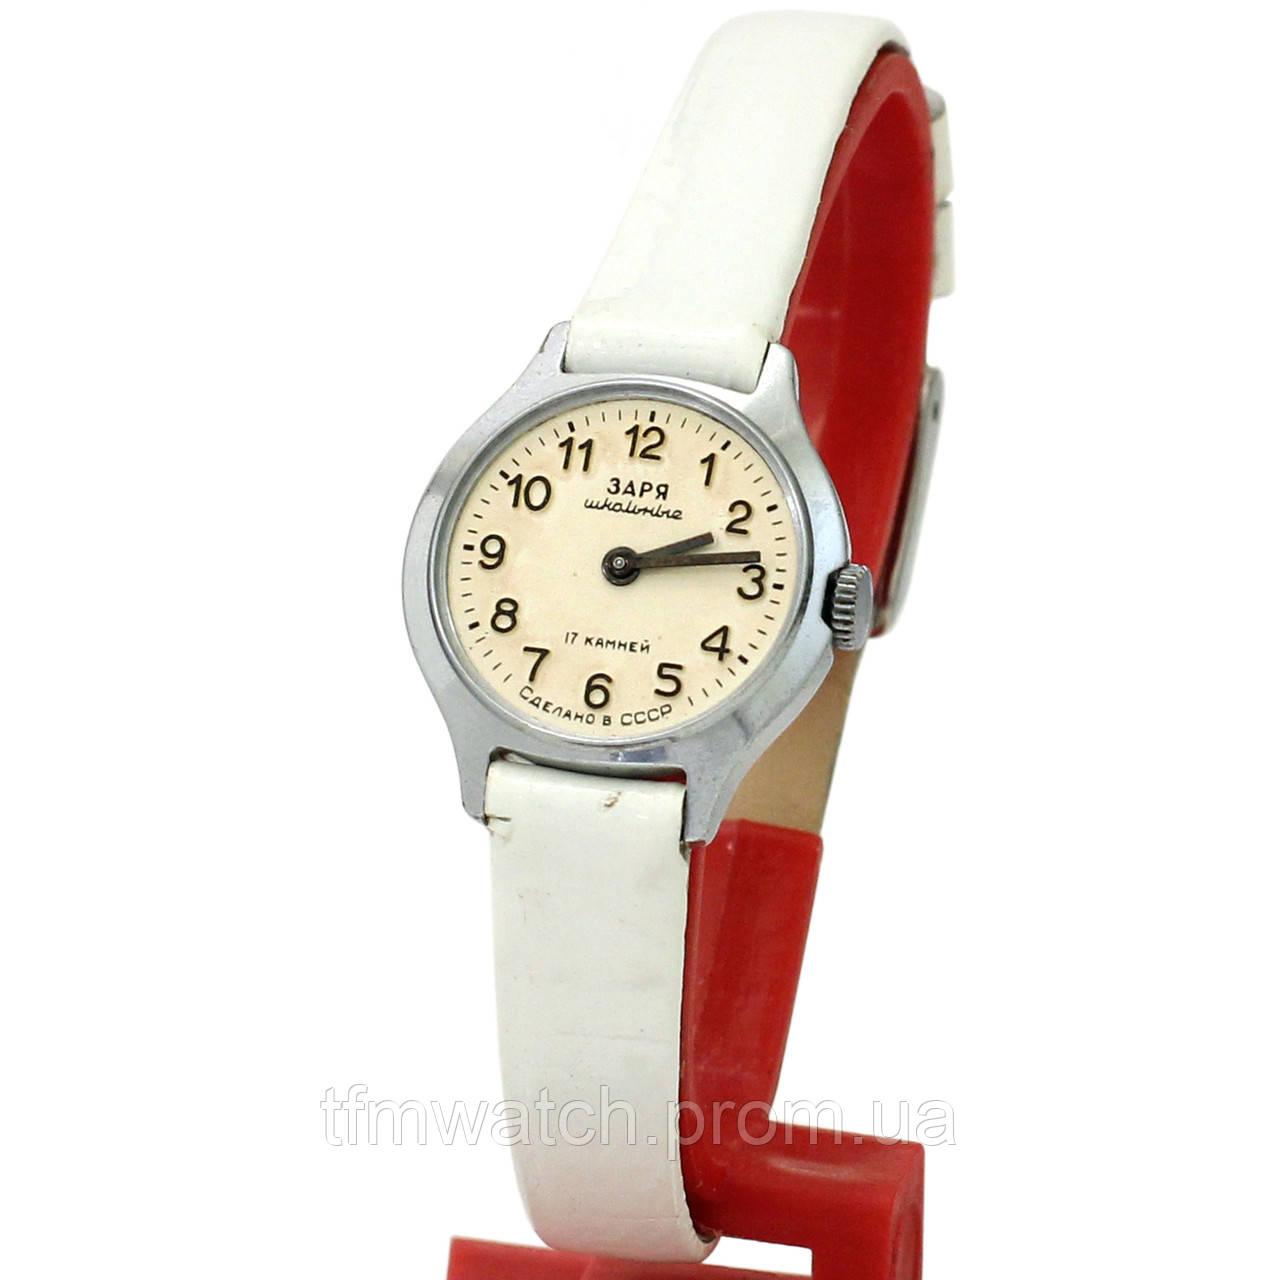 2790e8af Механические часы Заря школьные 17 камней сделано в СССР - Магазин  старинных, винтажных и антикварных